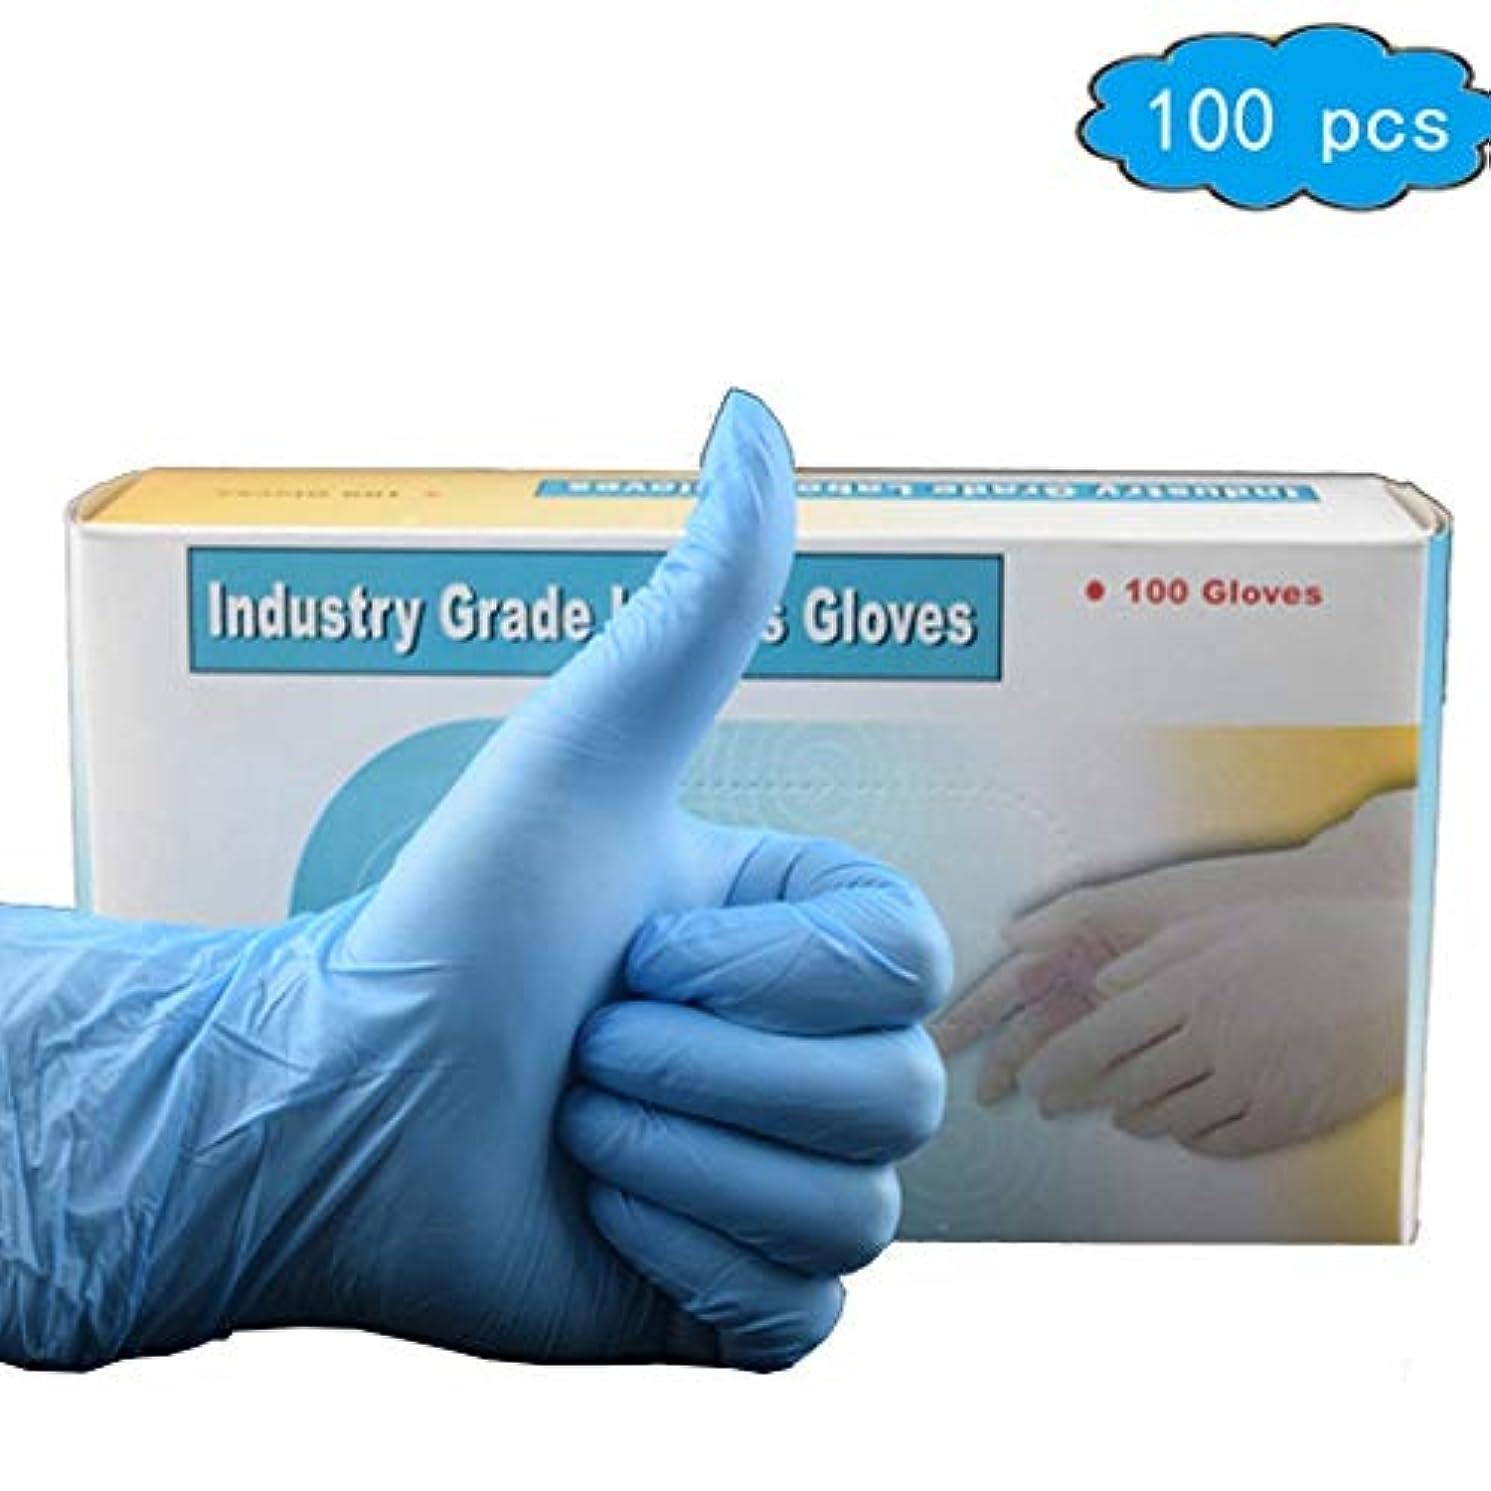 ベールブラスト骨折使い捨てニトリル手袋、使い捨て手袋、工業用手袋、クリア、ラテックスフリー?アレルギーフリー、プラスチック、仕事、食品サービス、(100の箱)(ミディアム)、ラボ&科学製品、家庭用クリーニンググローブ (Color : Blue...